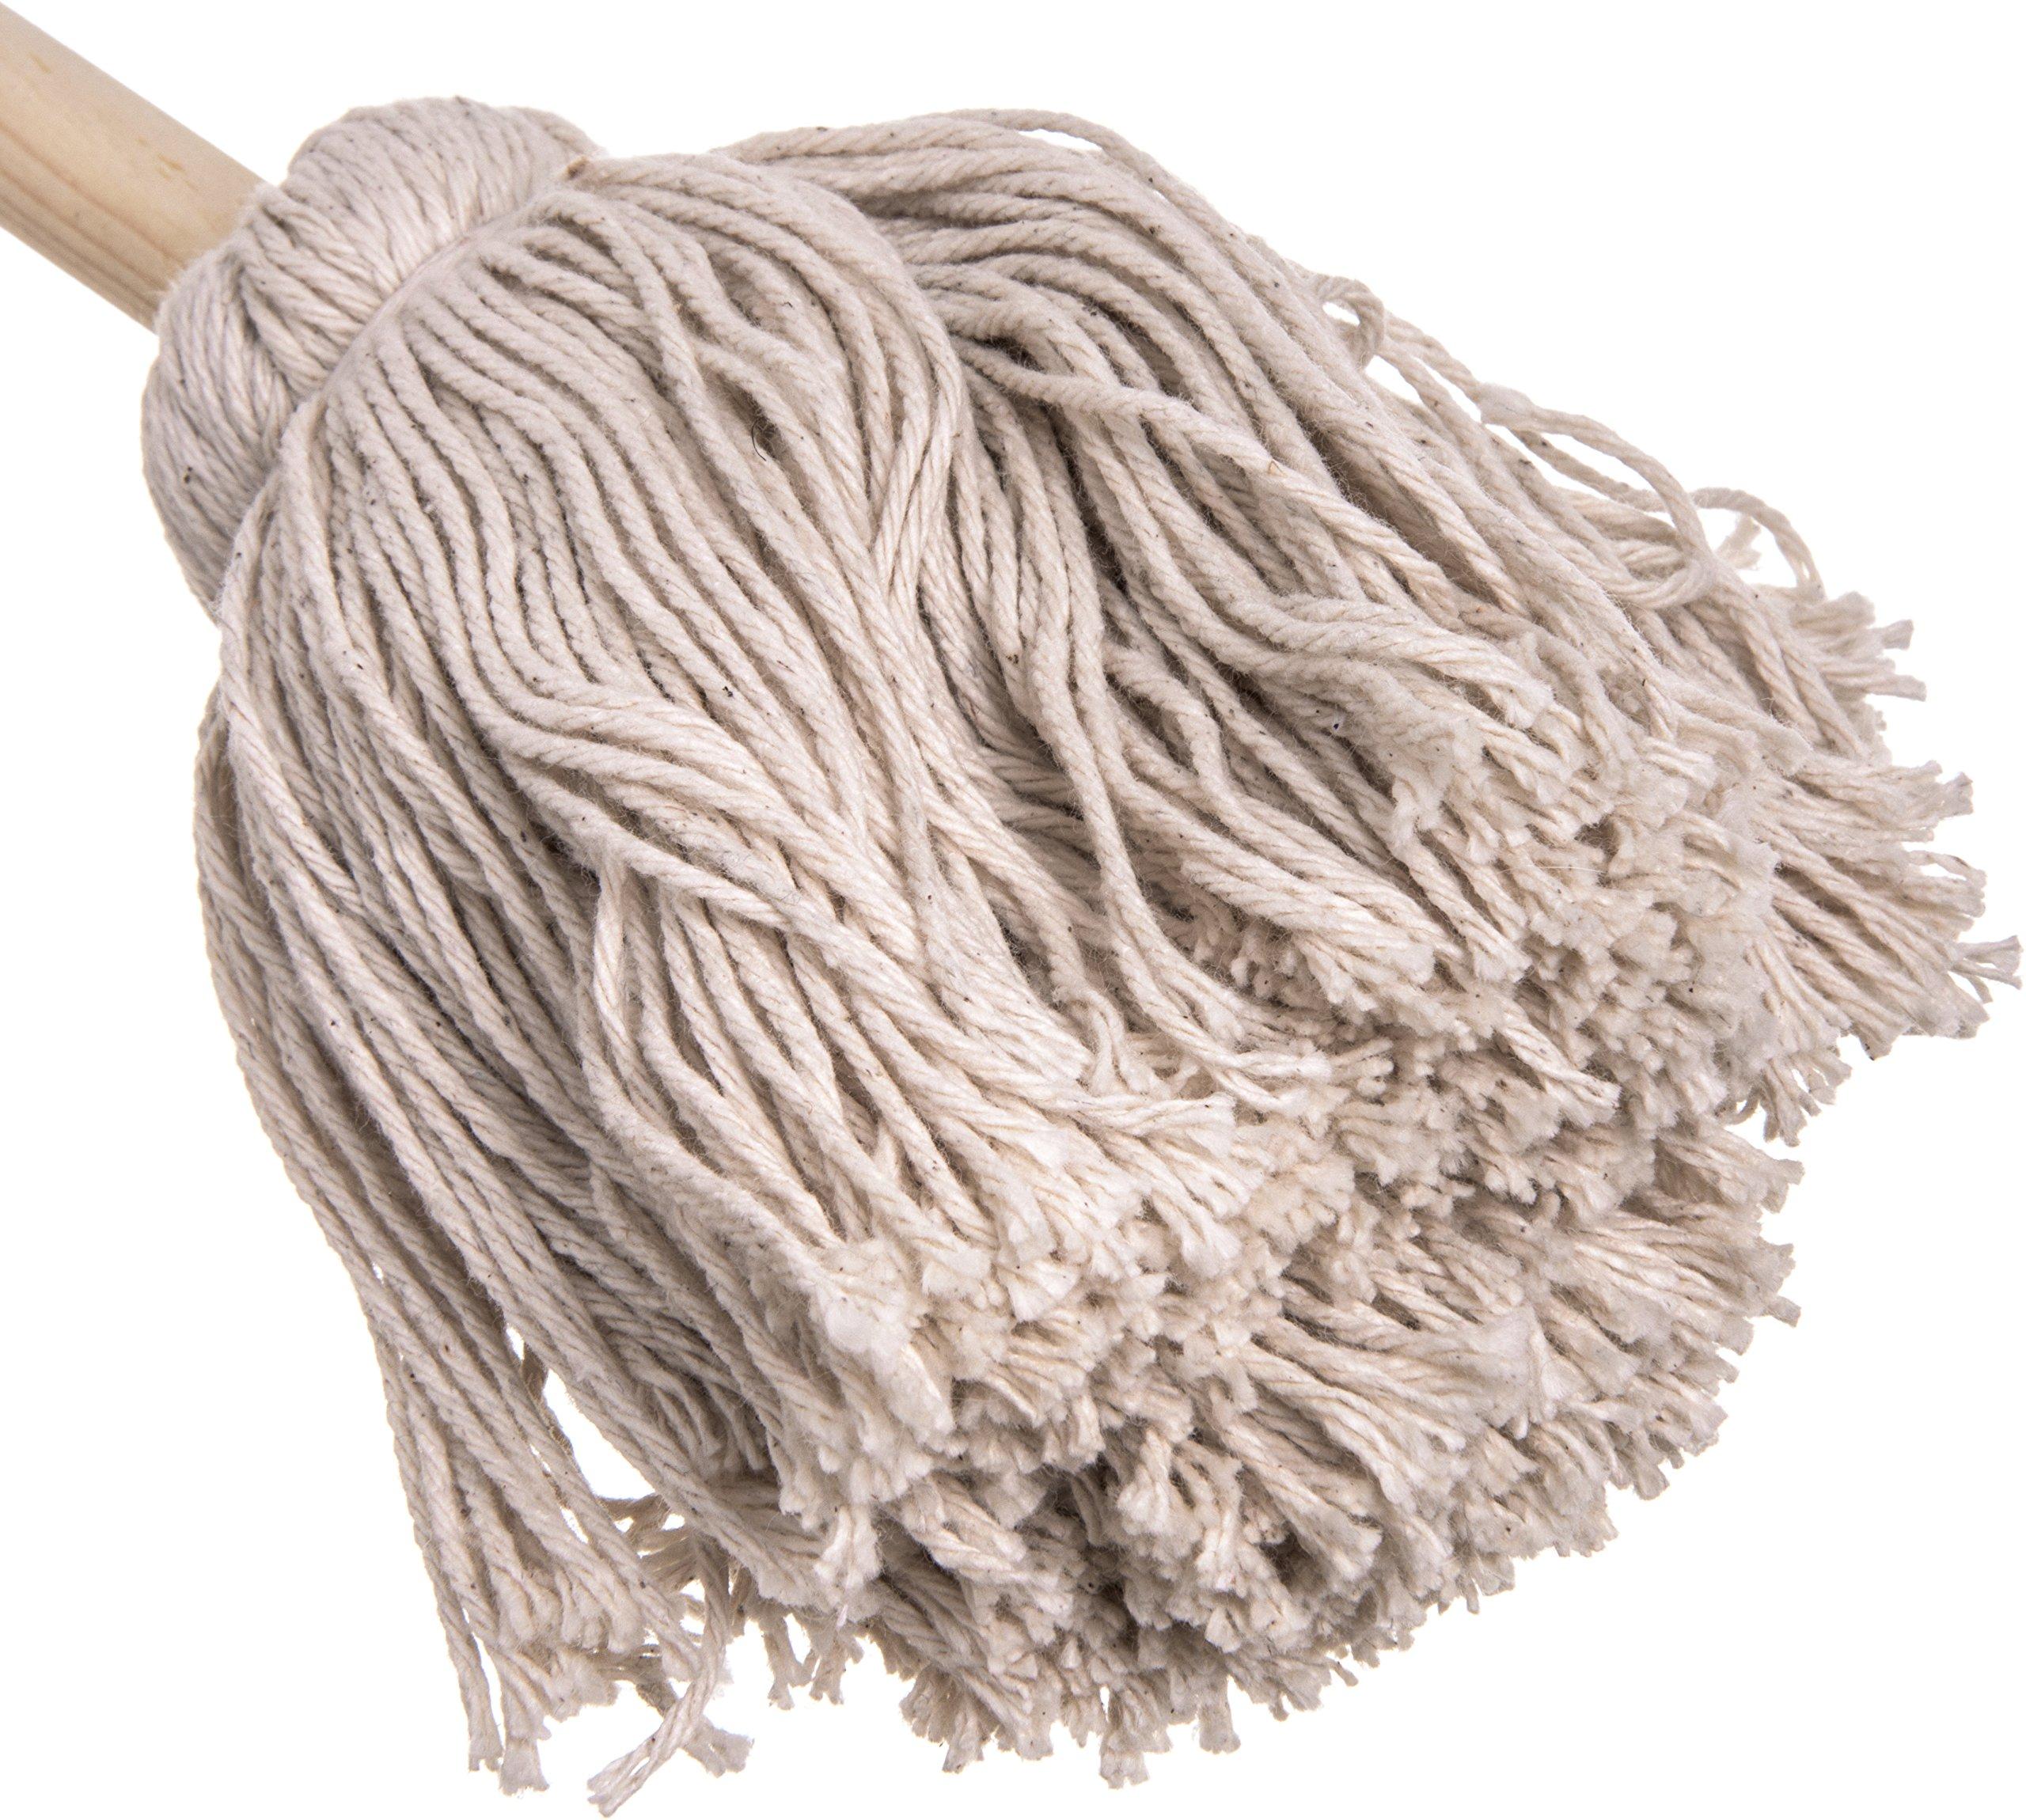 Carlisle 3623200 Cotton Barbecue Basting Mop, 10'', Natural